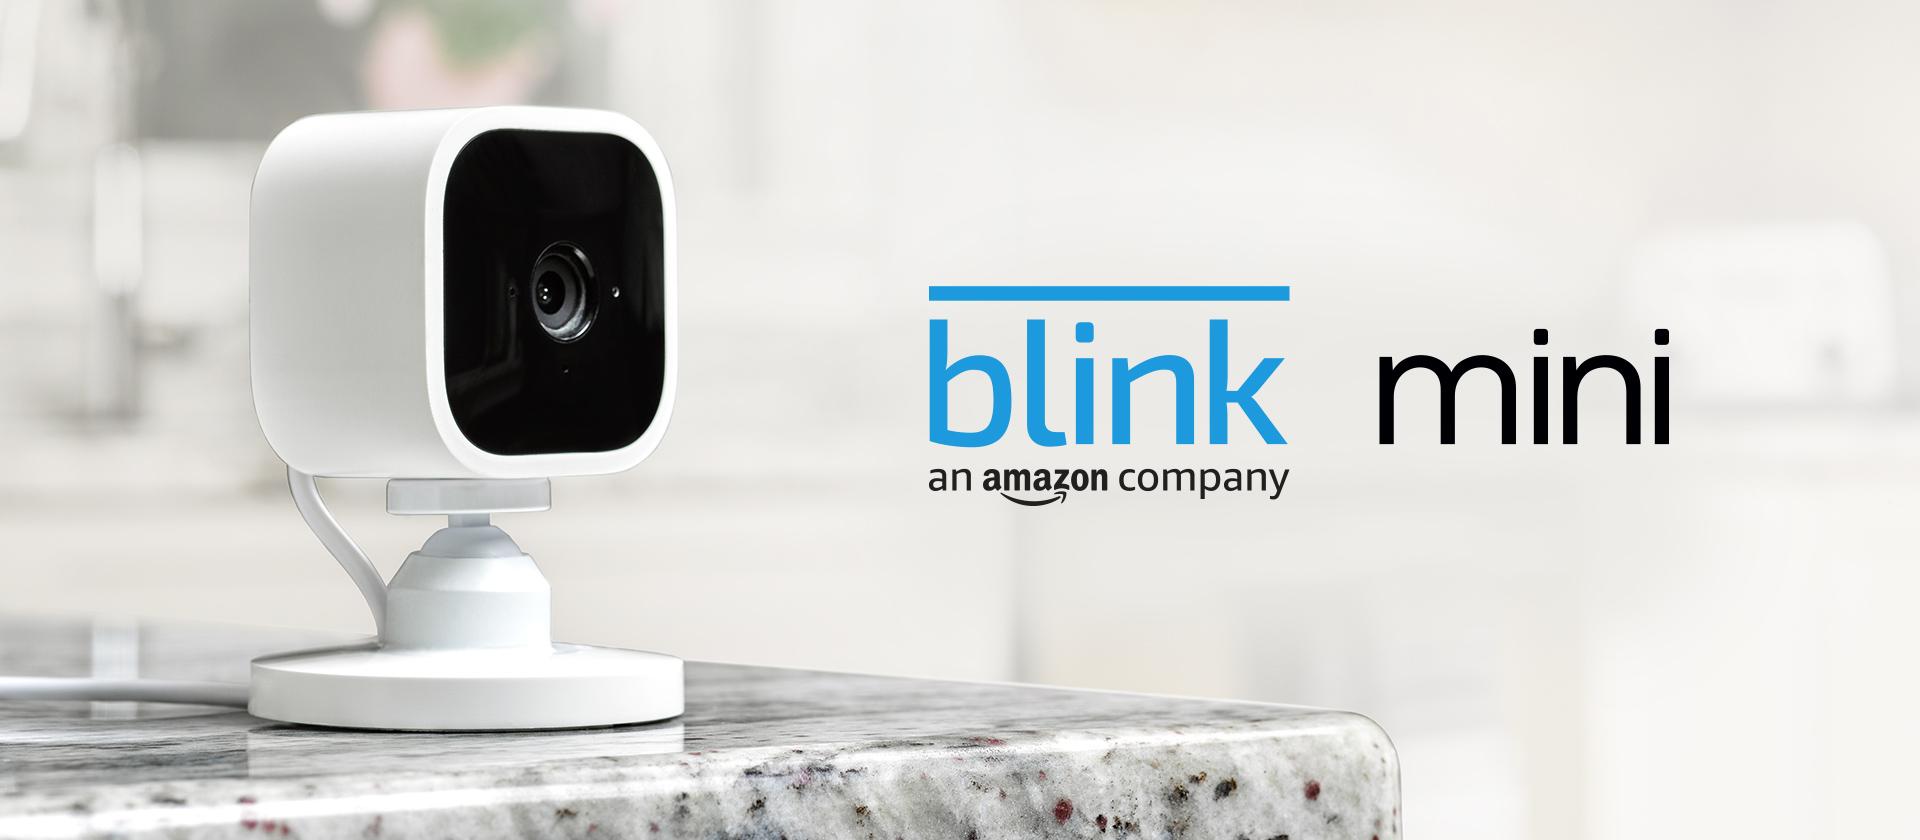 Presentamos la Blink Mini, cámara de seguridad inteligente, compacta, para interiores, con enchufe, resolución de vídeo HD 1080p, detección de movimiento y compatible con Alexa – 1 Cámara: Amazon.es